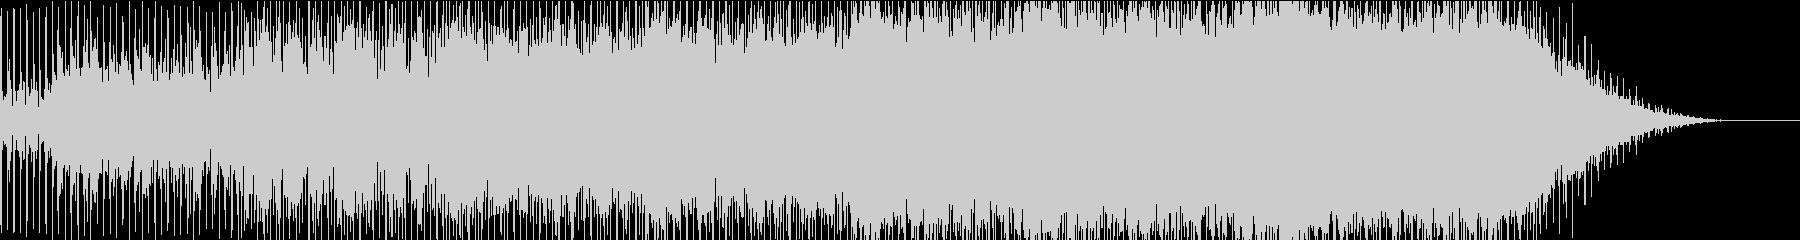 MFB A-gainの未再生の波形